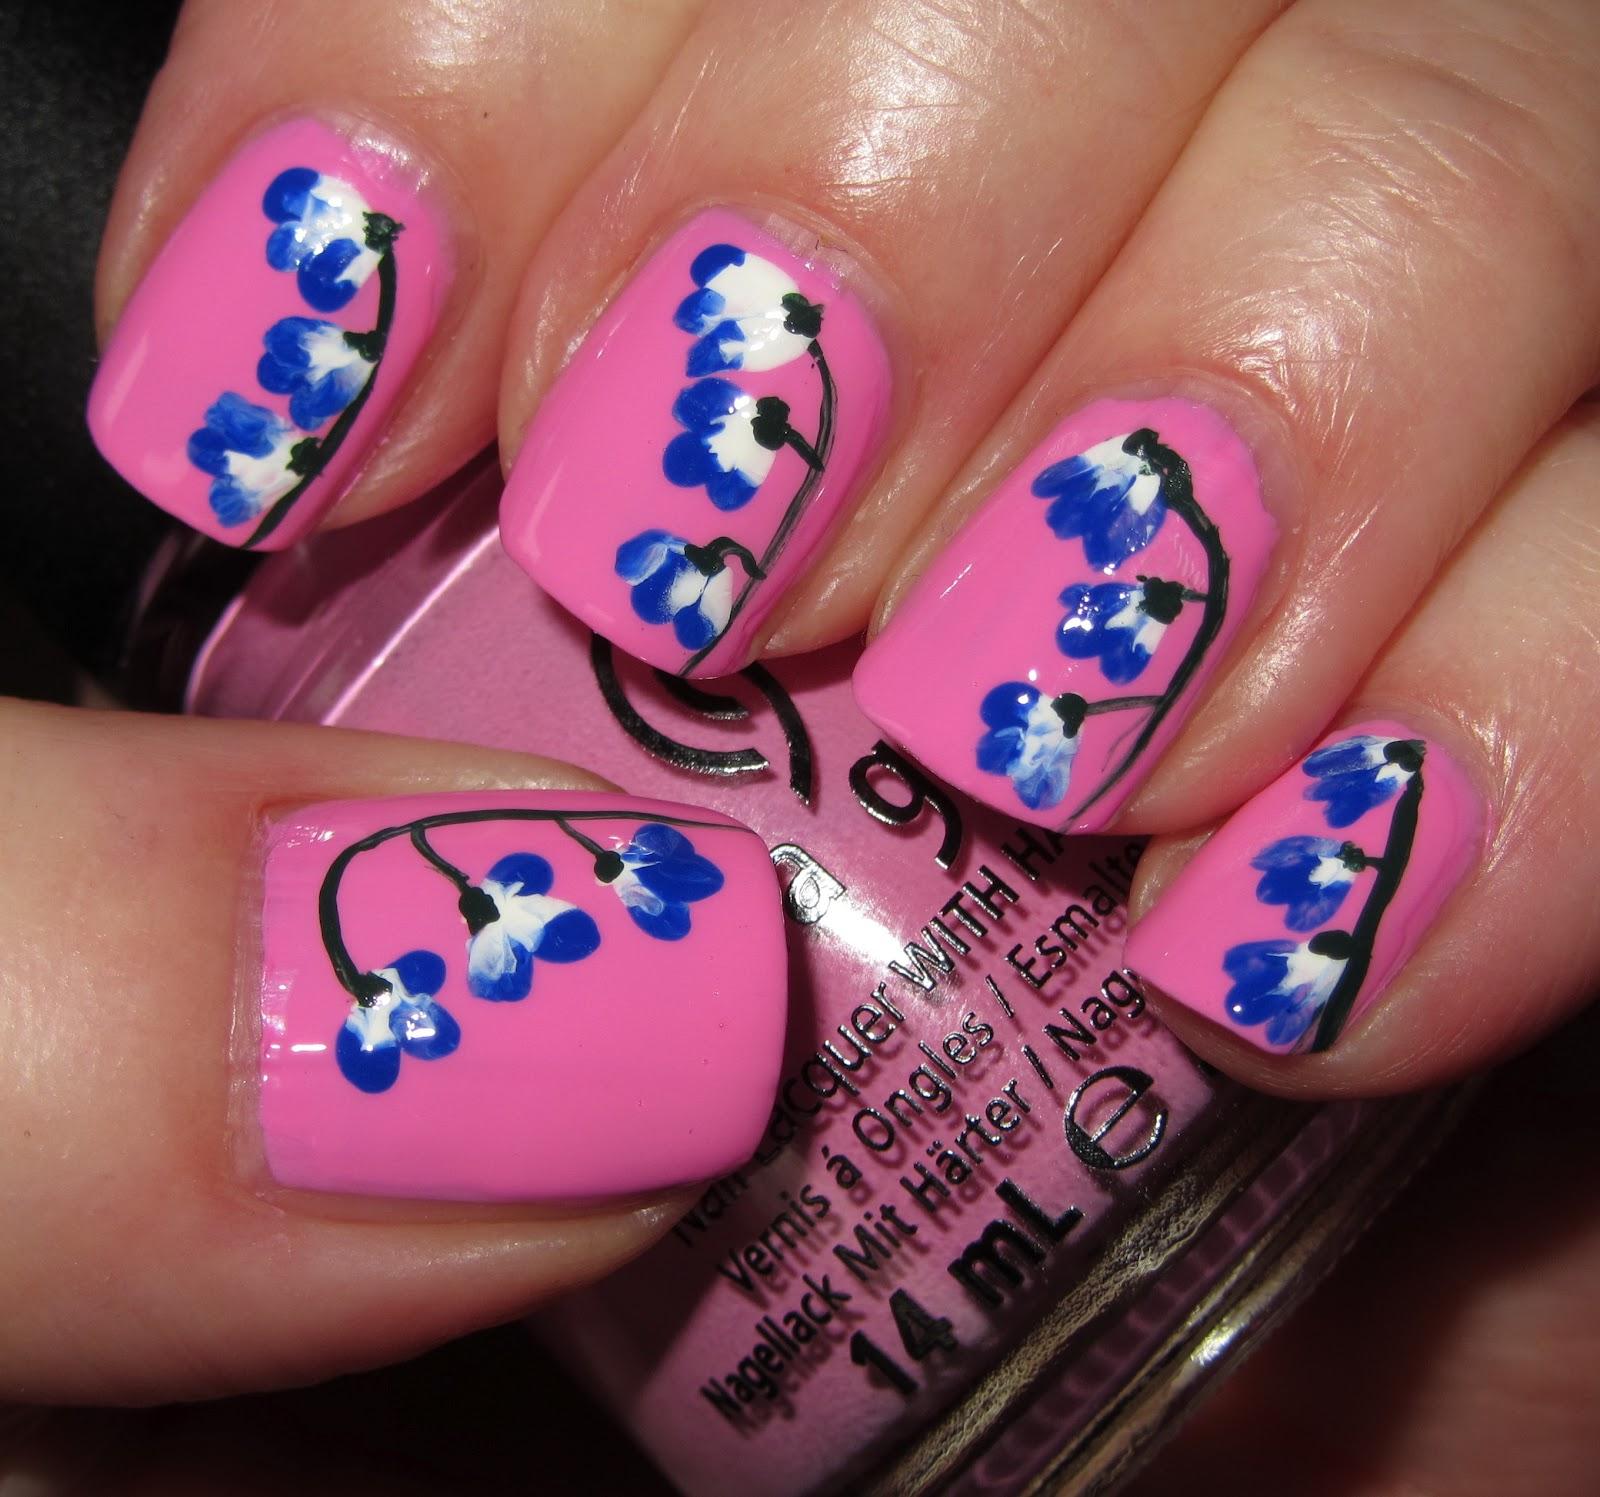 Bubble Gum Nail Art: Marias Nail Art And Polish Blog: Pink Warning: Hanging